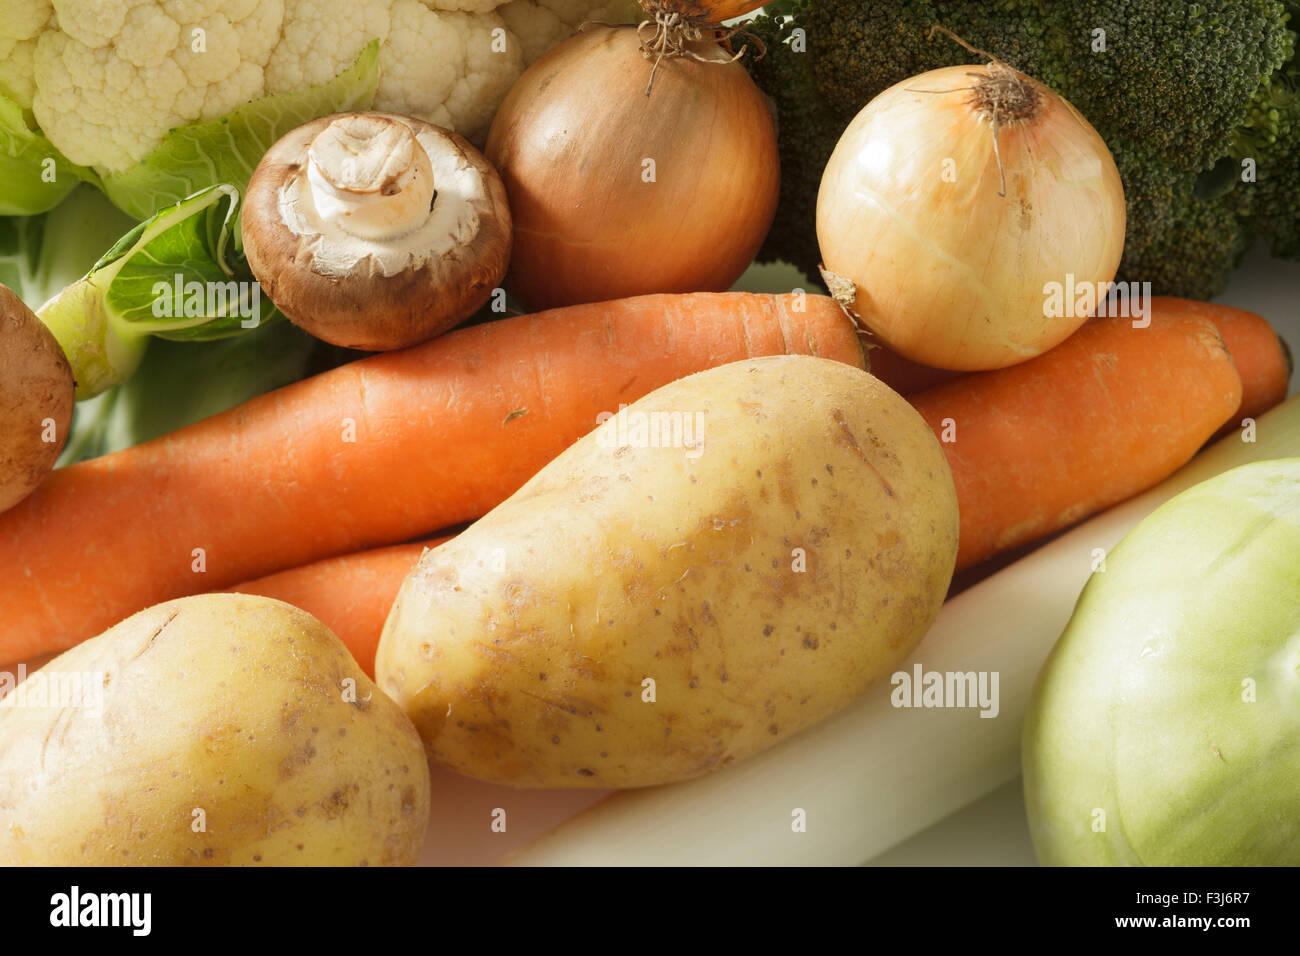 Sélection de légumes d'hiver Photo Stock